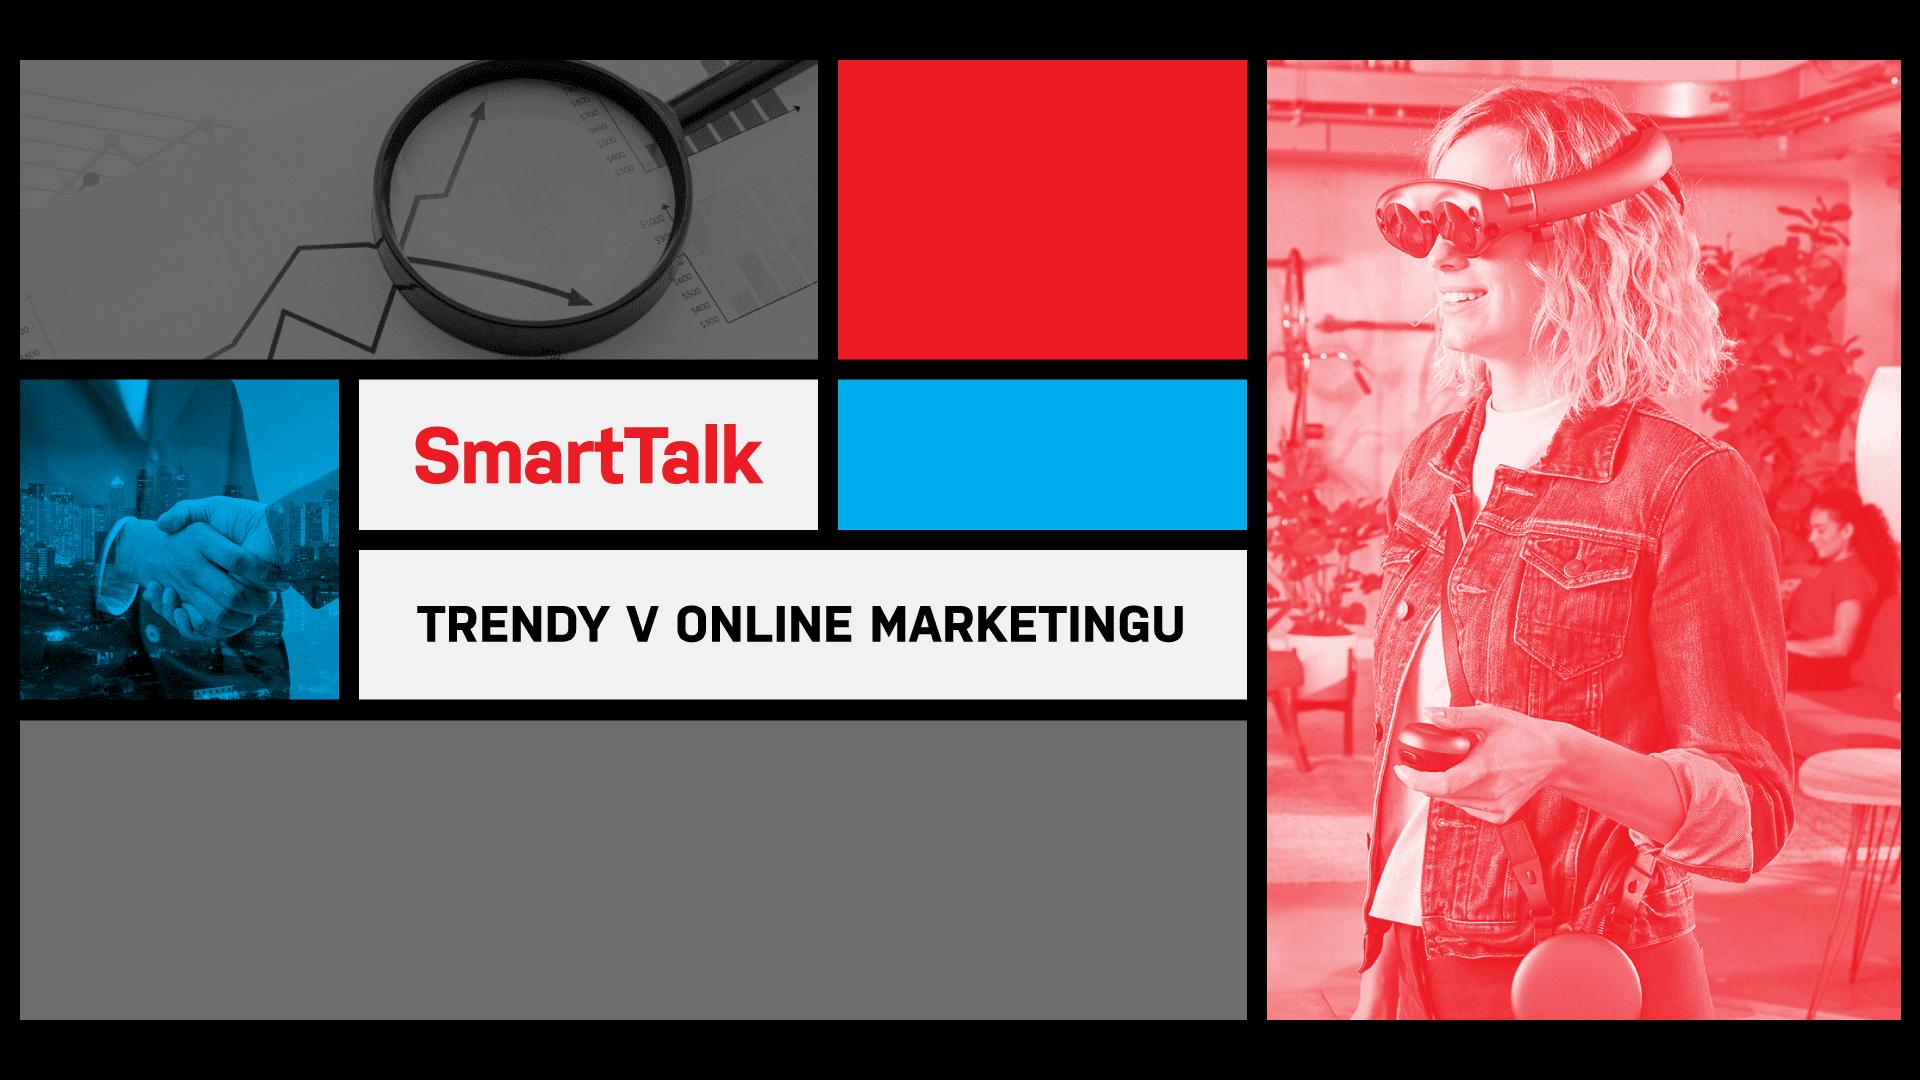 smarttalk fb 1920 - O trendoch v online marketingu budú diskutovať Visibility, Triad Advertising a PS:Digital